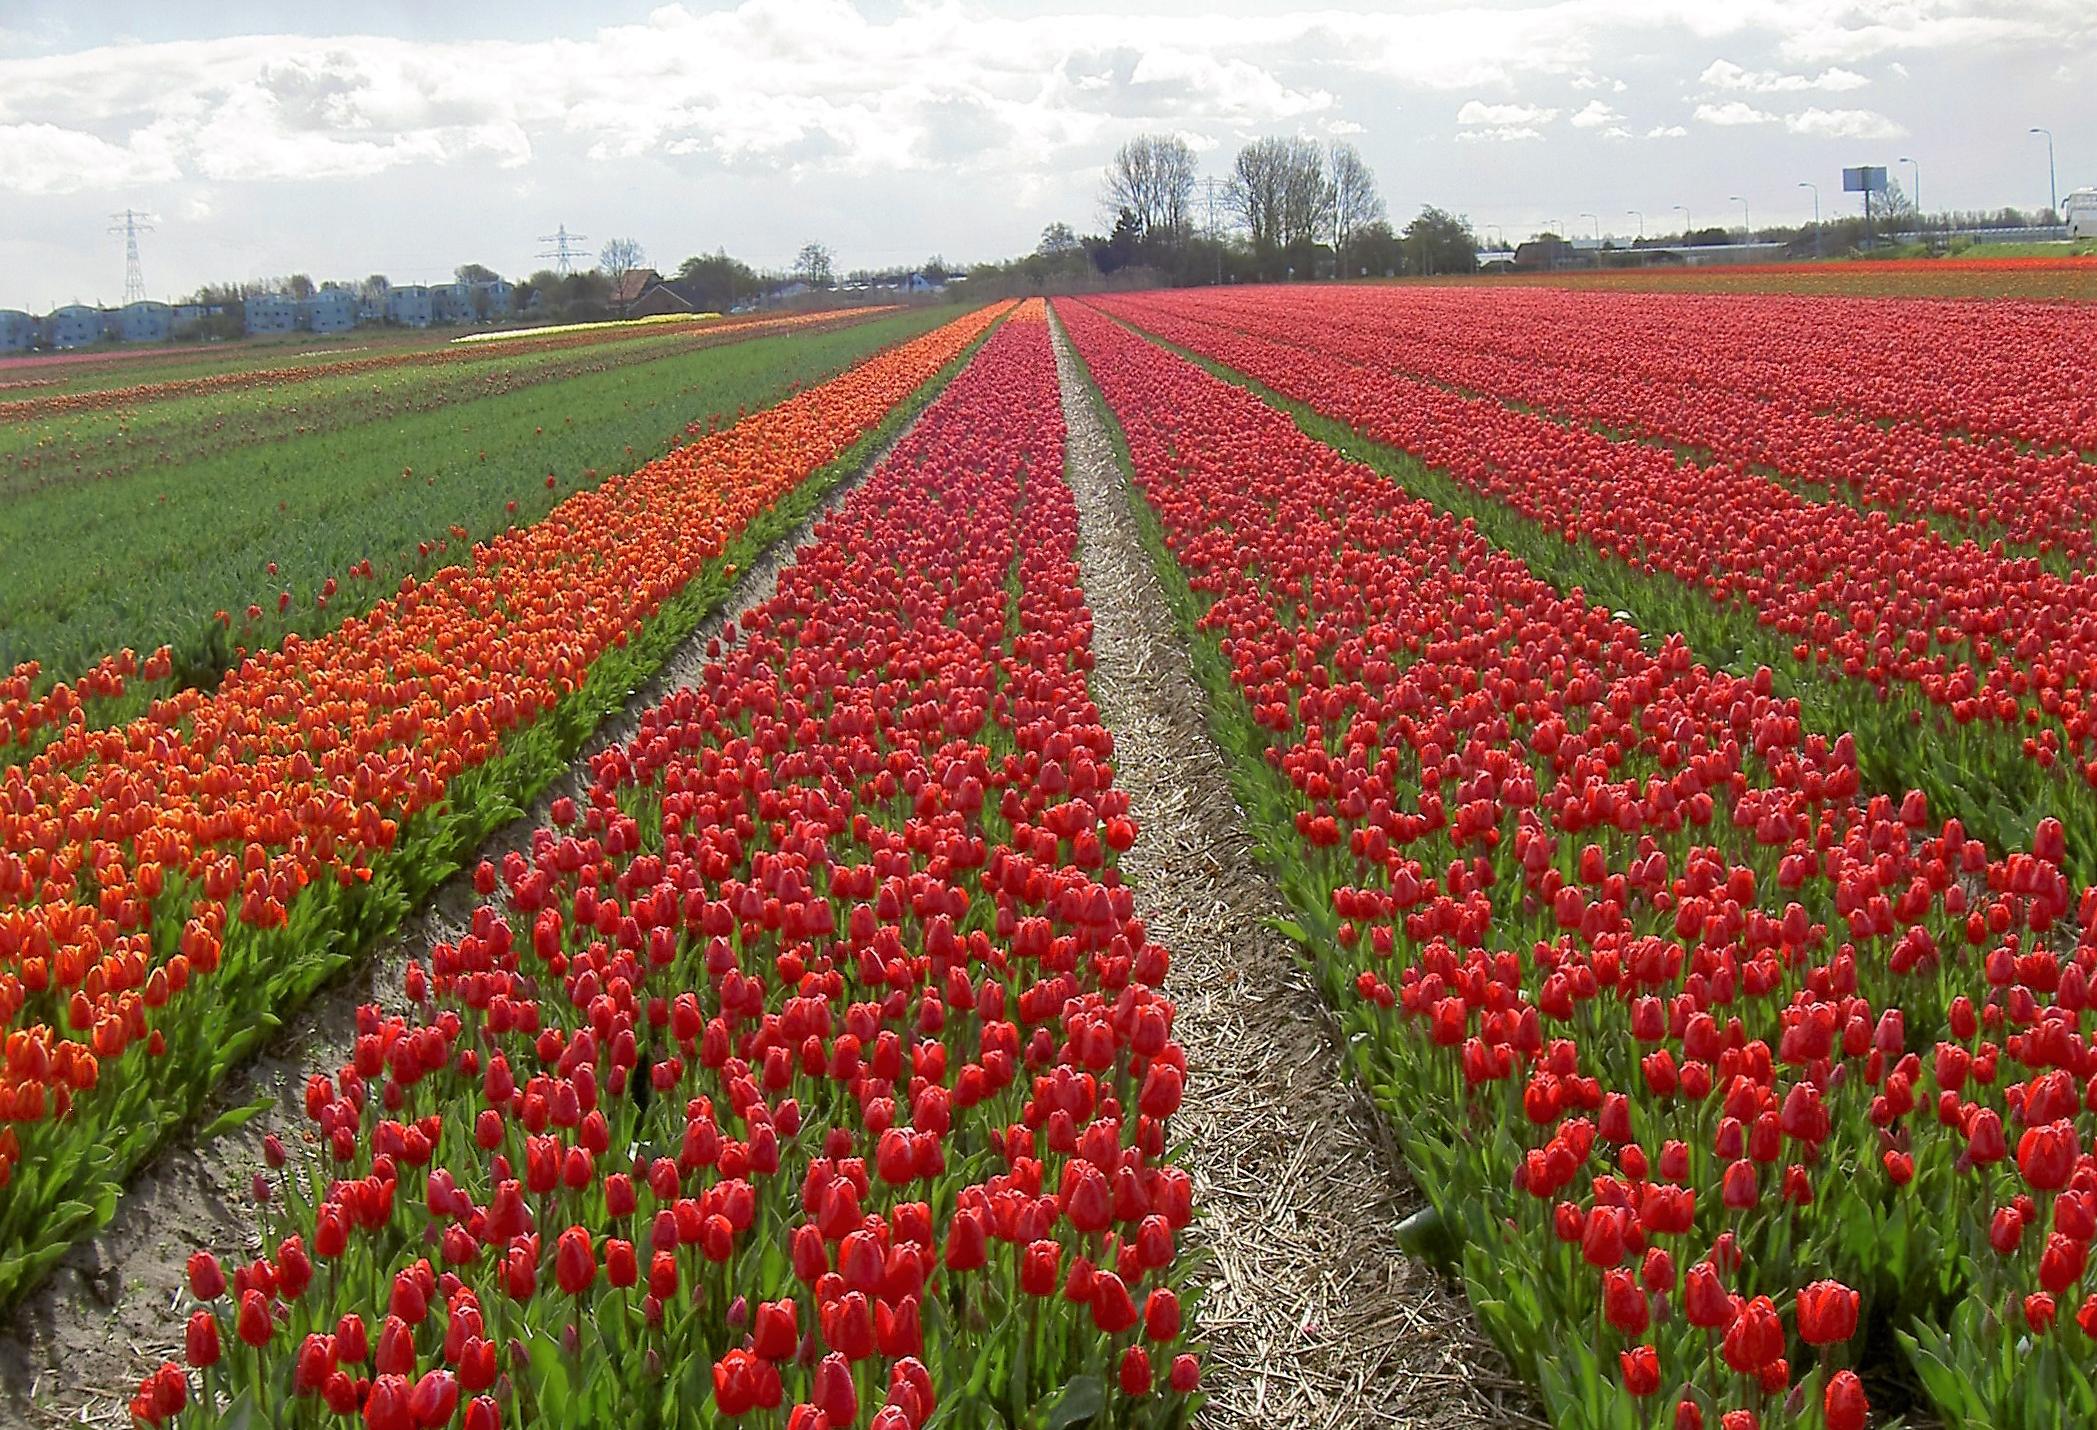 Bulb fields in Holland